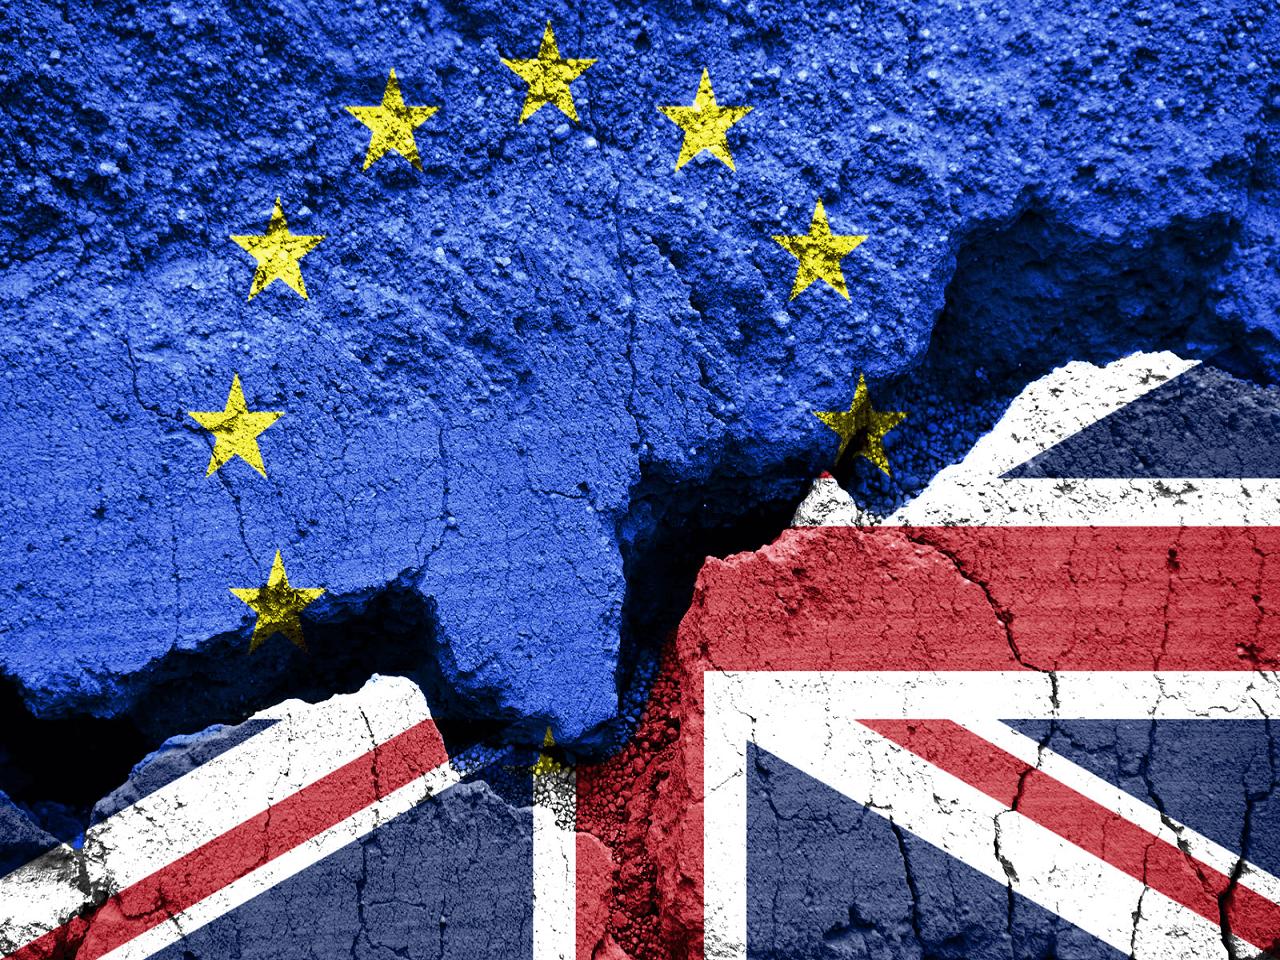 Birleşik Krallık, BREXIT Sonrası Uygulayacağı Gümrük Tarifesini İlan Etti